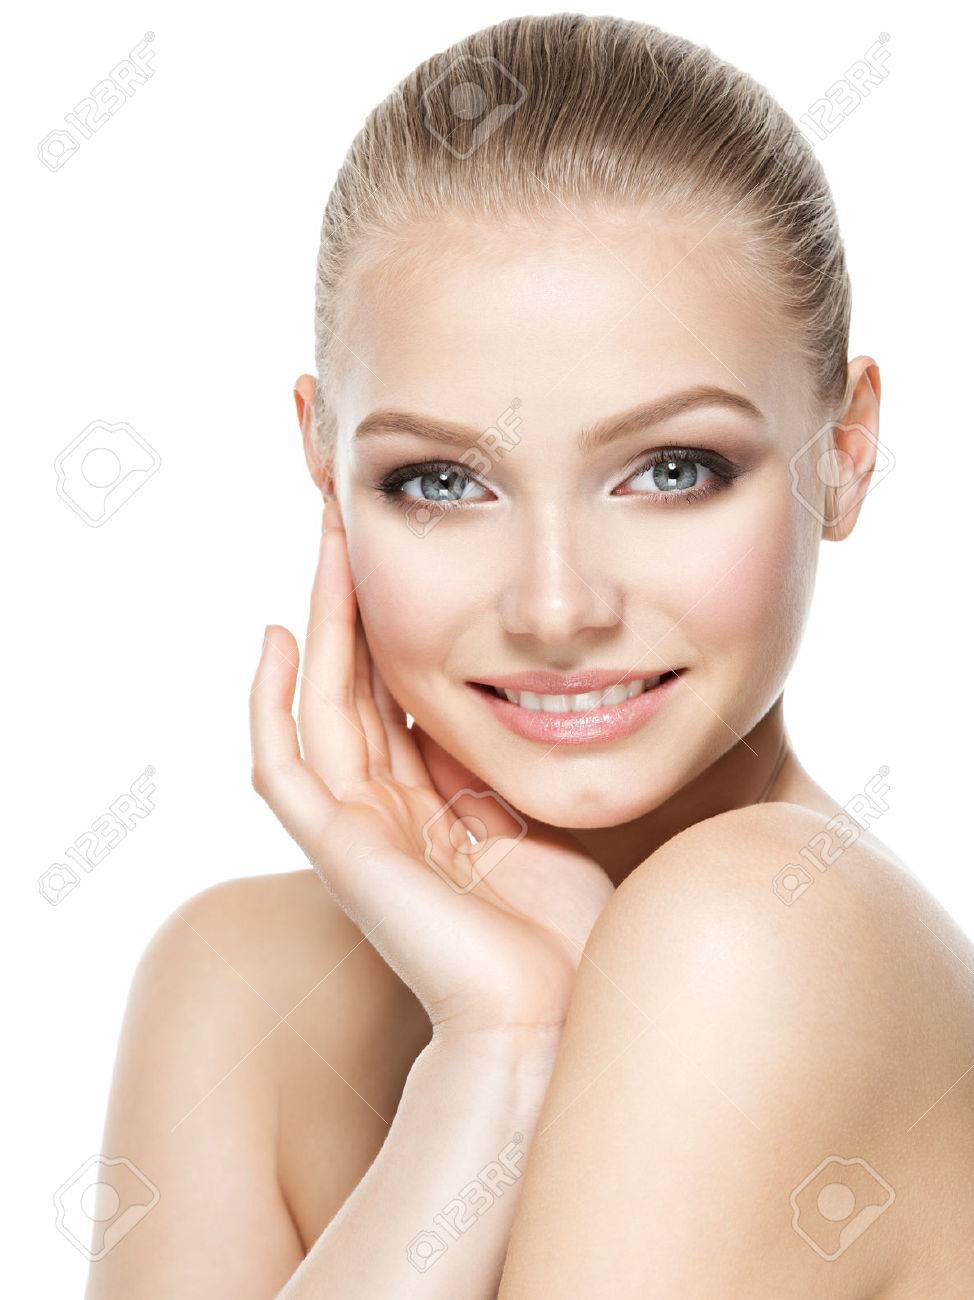 Beau visage de jeune femme souriante avec la peau propre et fraîche - isolé sur blanc Banque d'images - 63393361